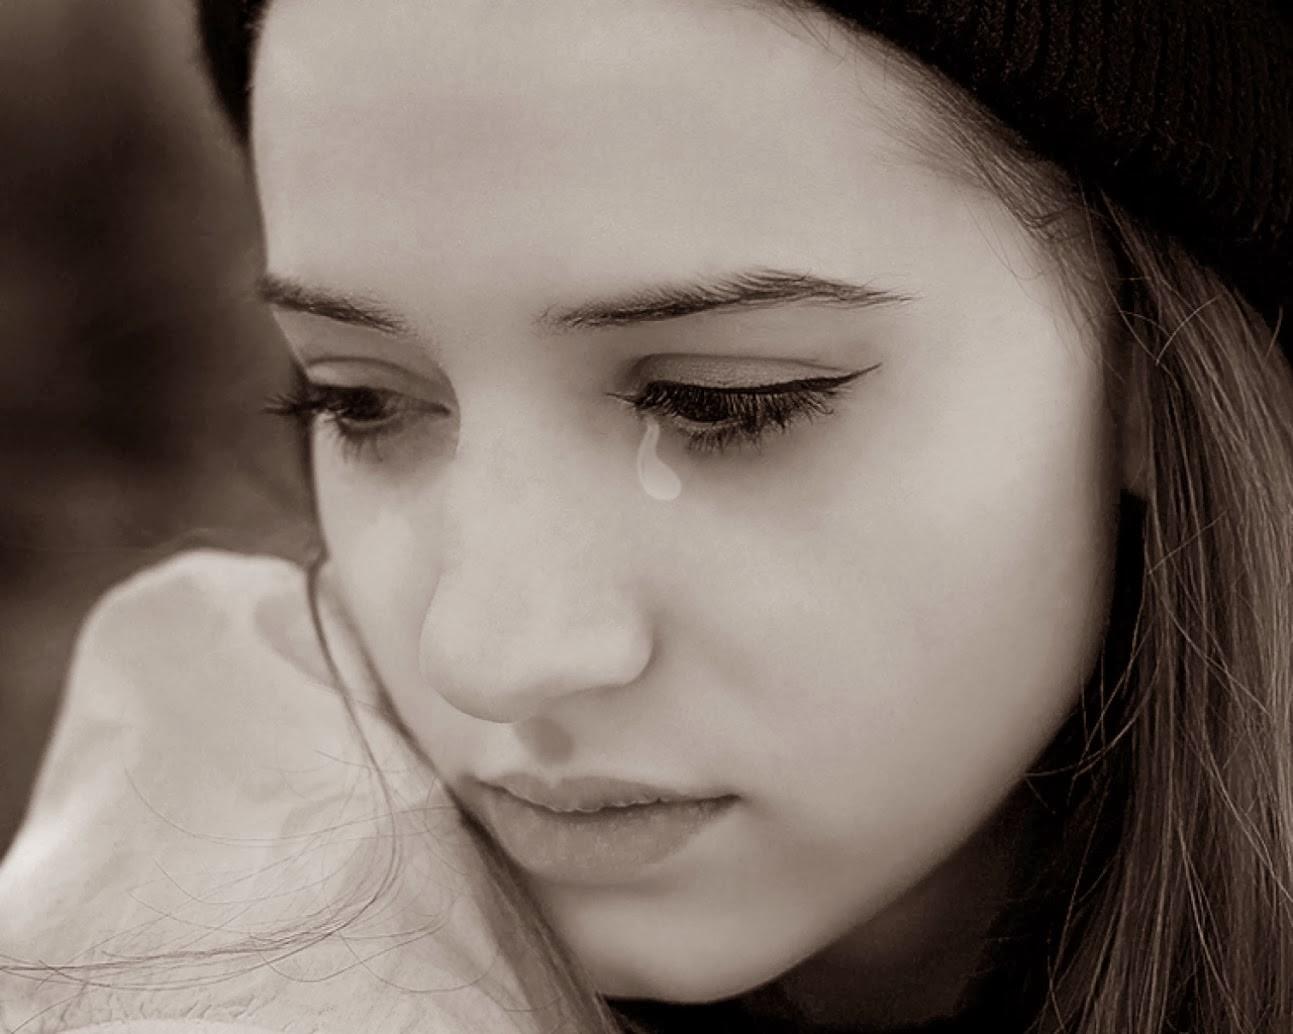 صور اجمل صور حزينه للبنات